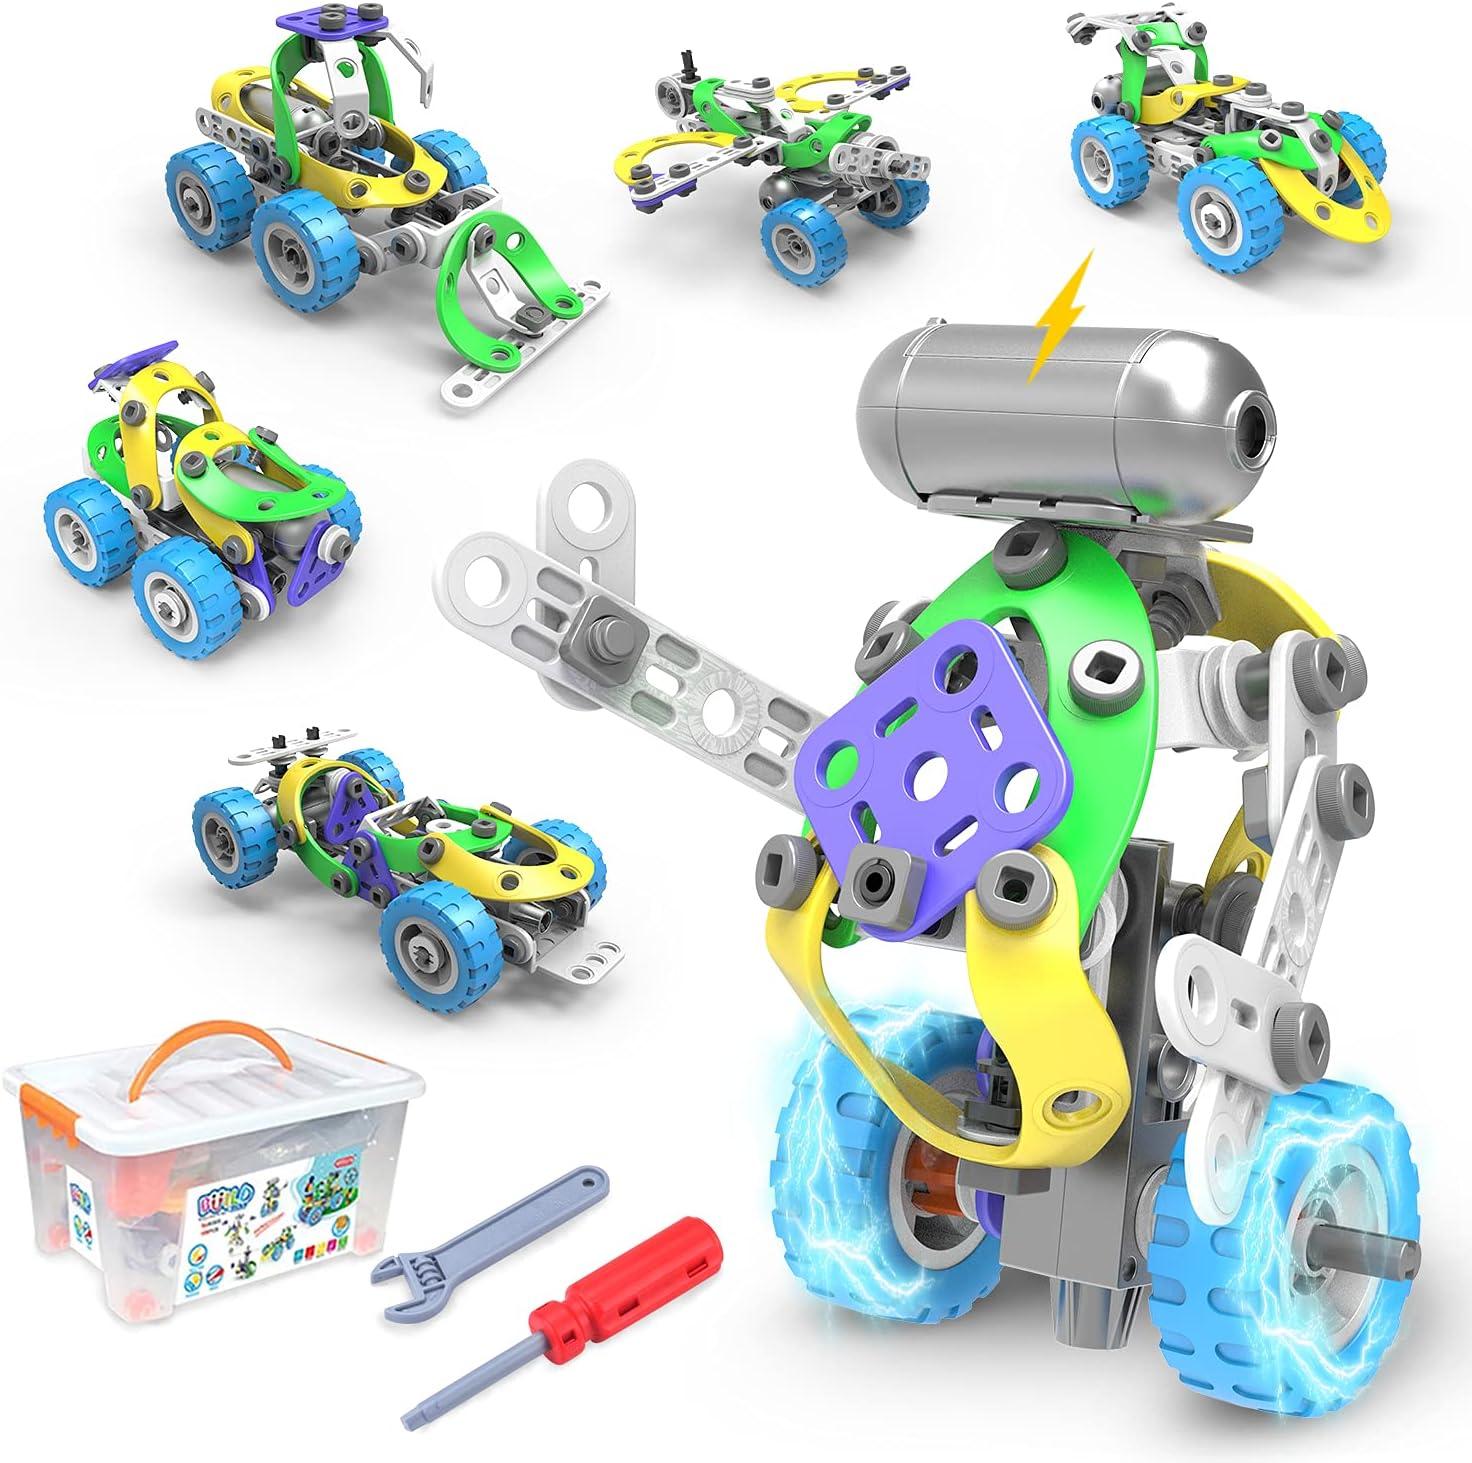 CENOVE Juguetes de Construcción Stem, 109 Piezas Kit de Construcción Educativo Juguetes con Motor Eléctrico Mejor Regalo para Niños y Niñas 5 6 7 8 9 10+ años